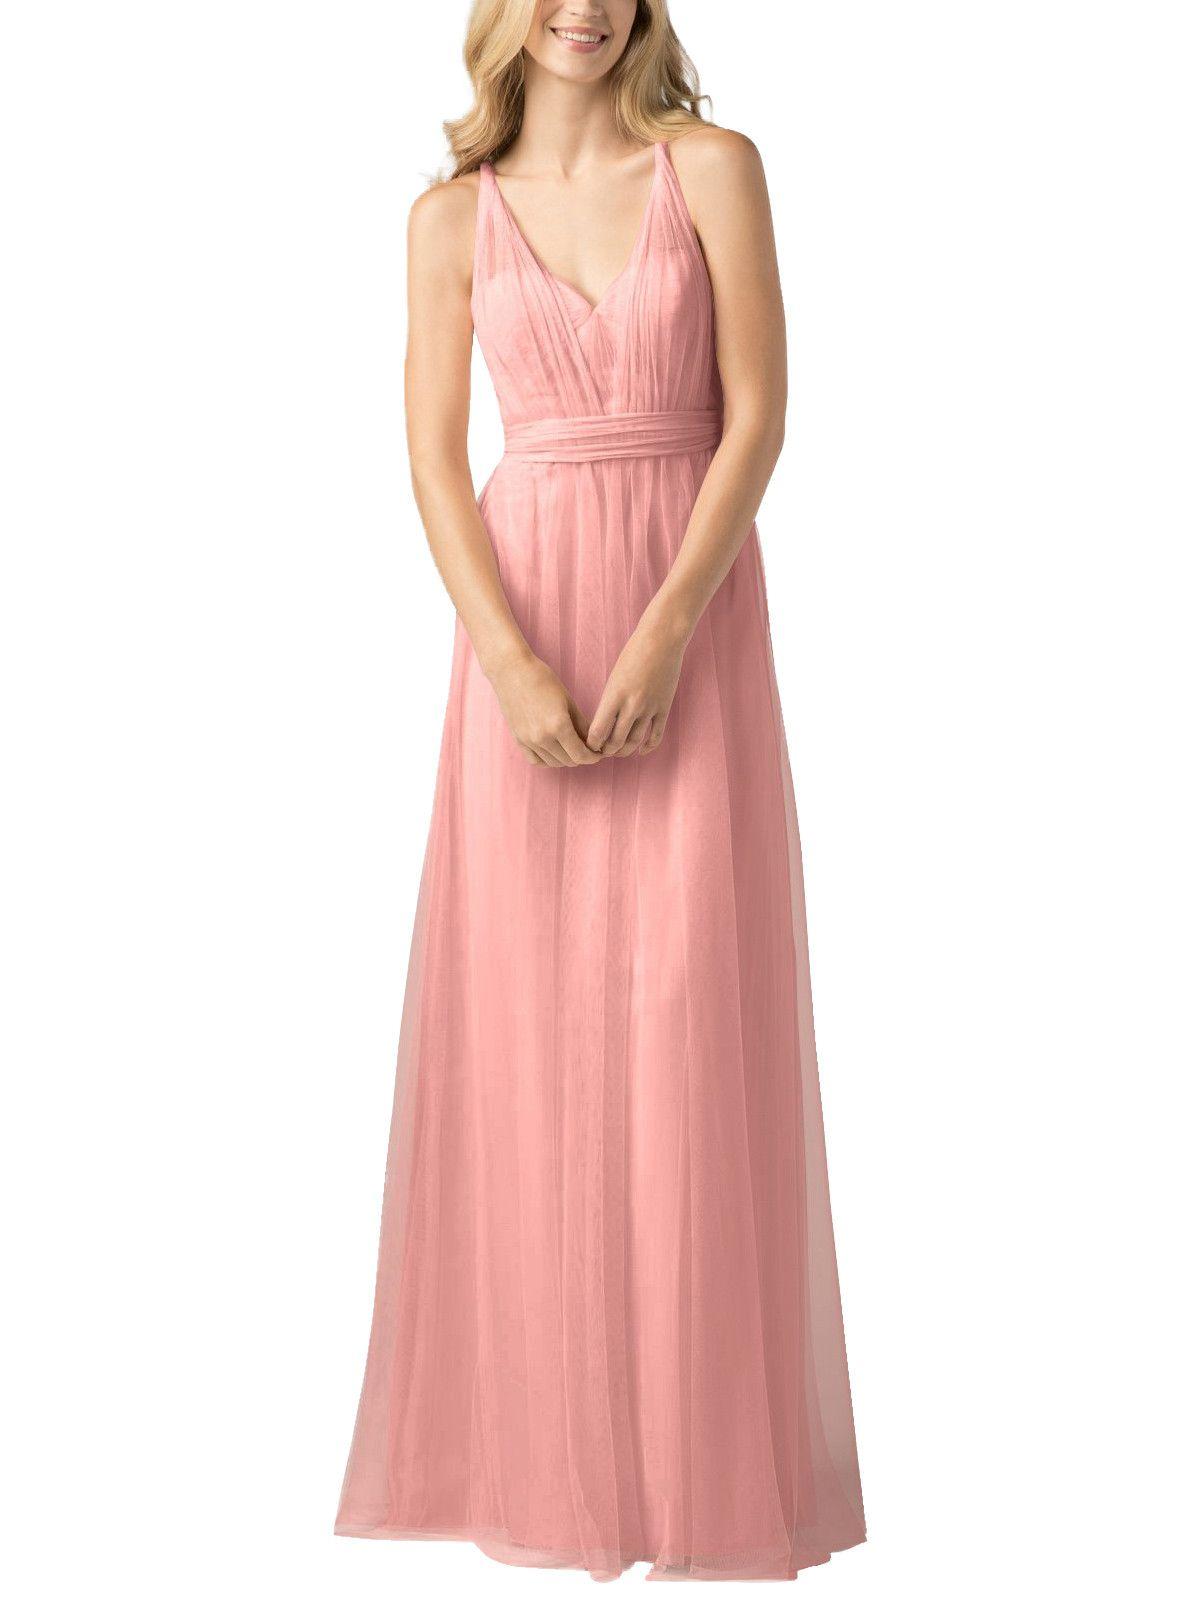 Moderno Vestido De Novia Wtoo Modelo - Colección de Vestidos de Boda ...